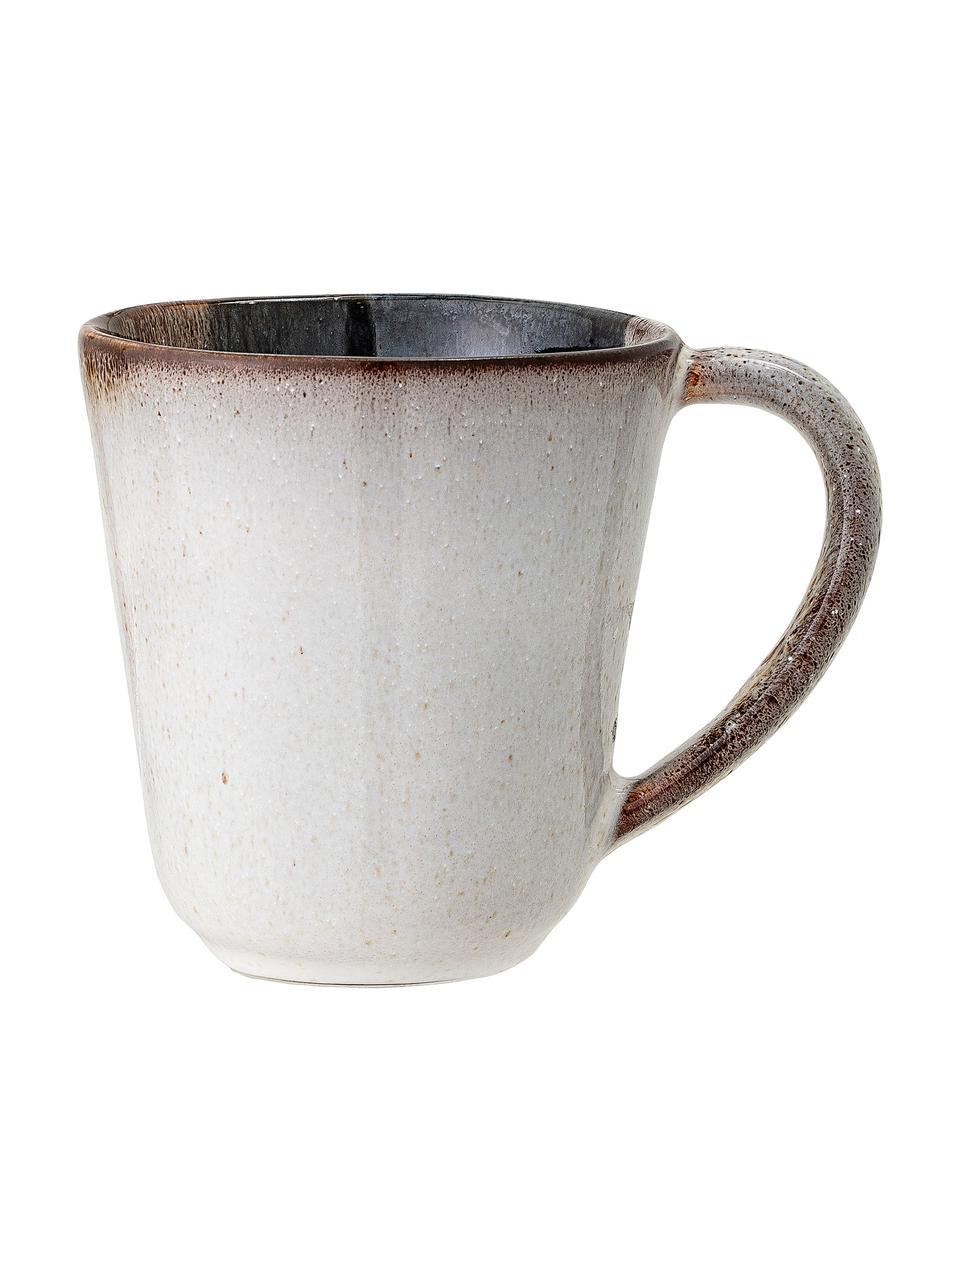 Handgemachte Tassen Jules aus Steingut mit Farbverlauf, 2 Stück, Steingut, Beige- und Brauntöne, Schwarz, Ø 10 x H 10 cm